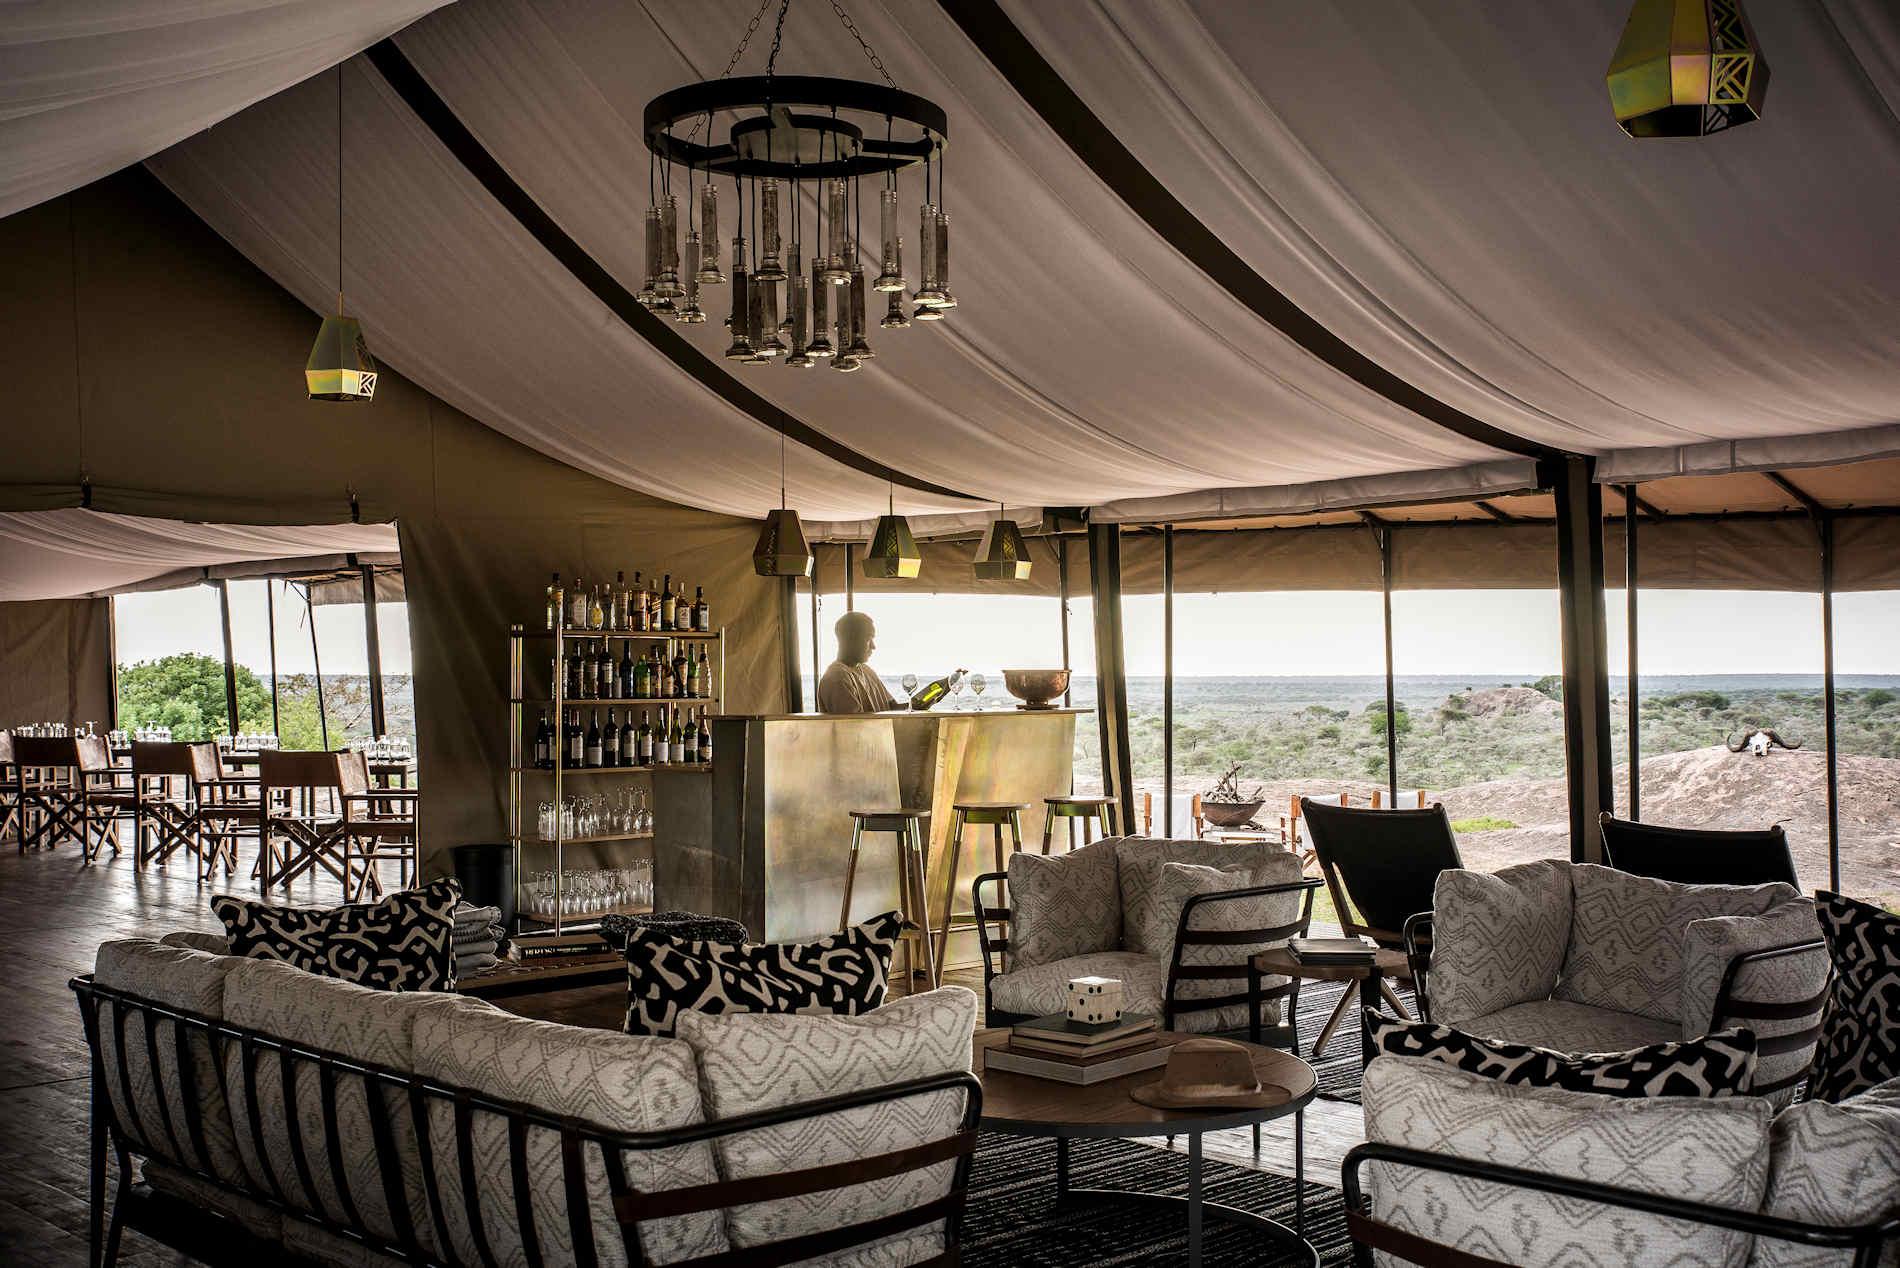 Wohnzimmer und Bar, Sanctuary Kichakani Serengeti Camp, Tansania